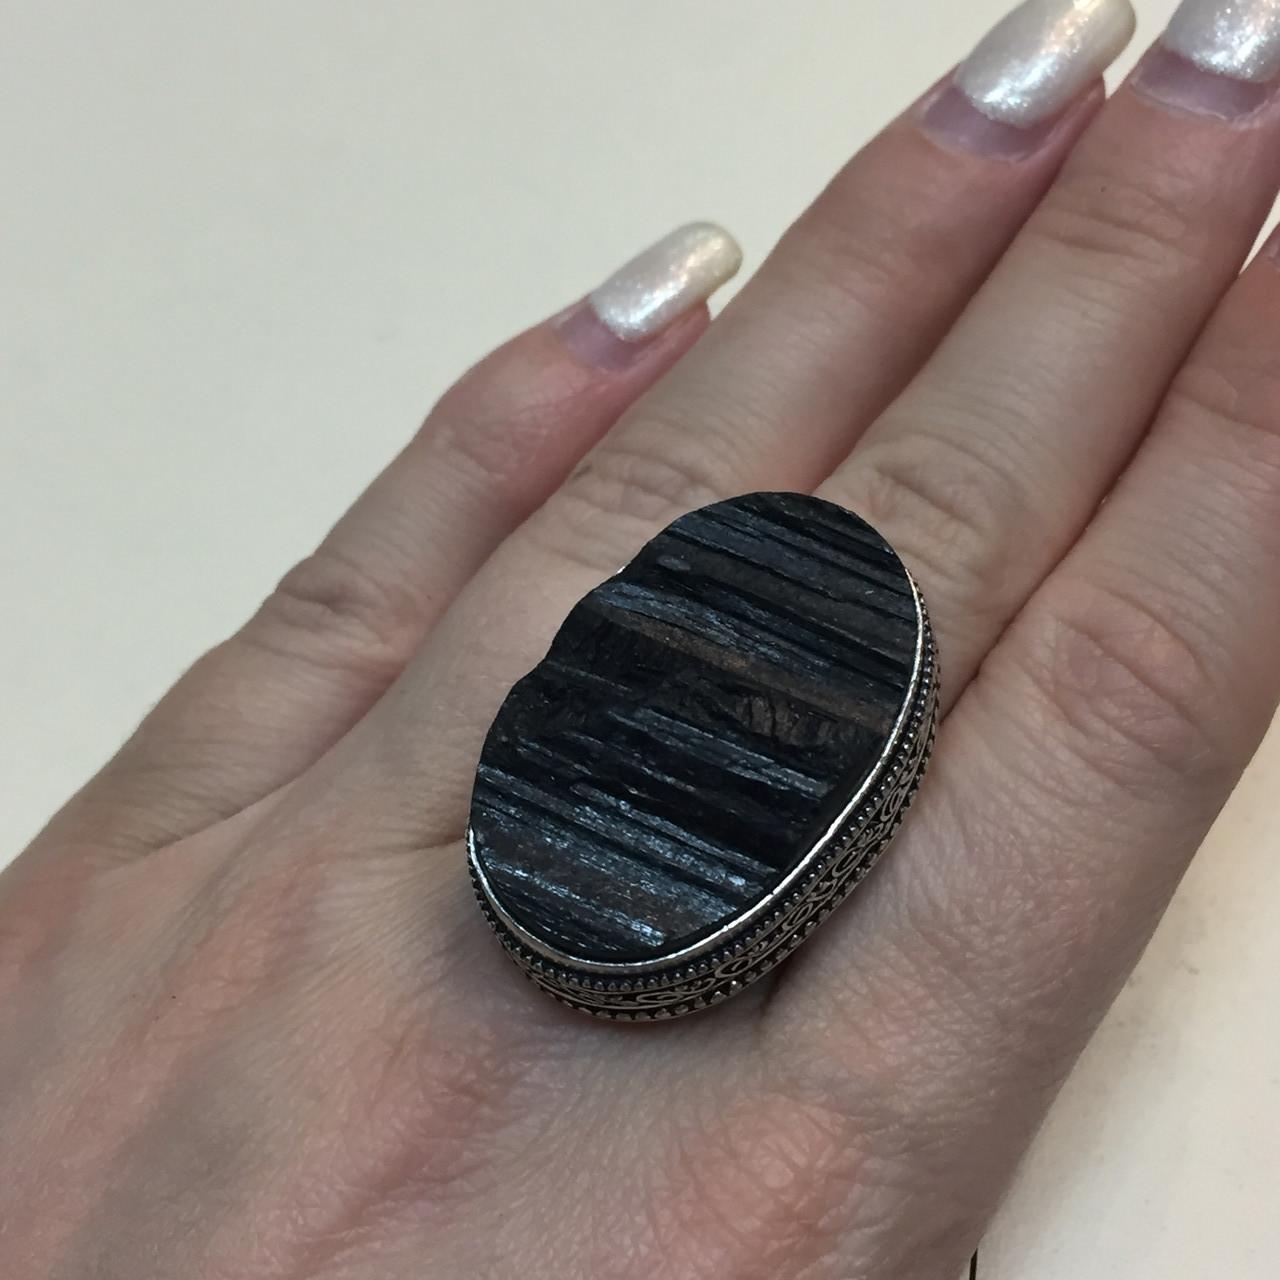 Черный турмалин шерл кольцо овал с черным турмалином в серебре 19.5 20 размер Индия